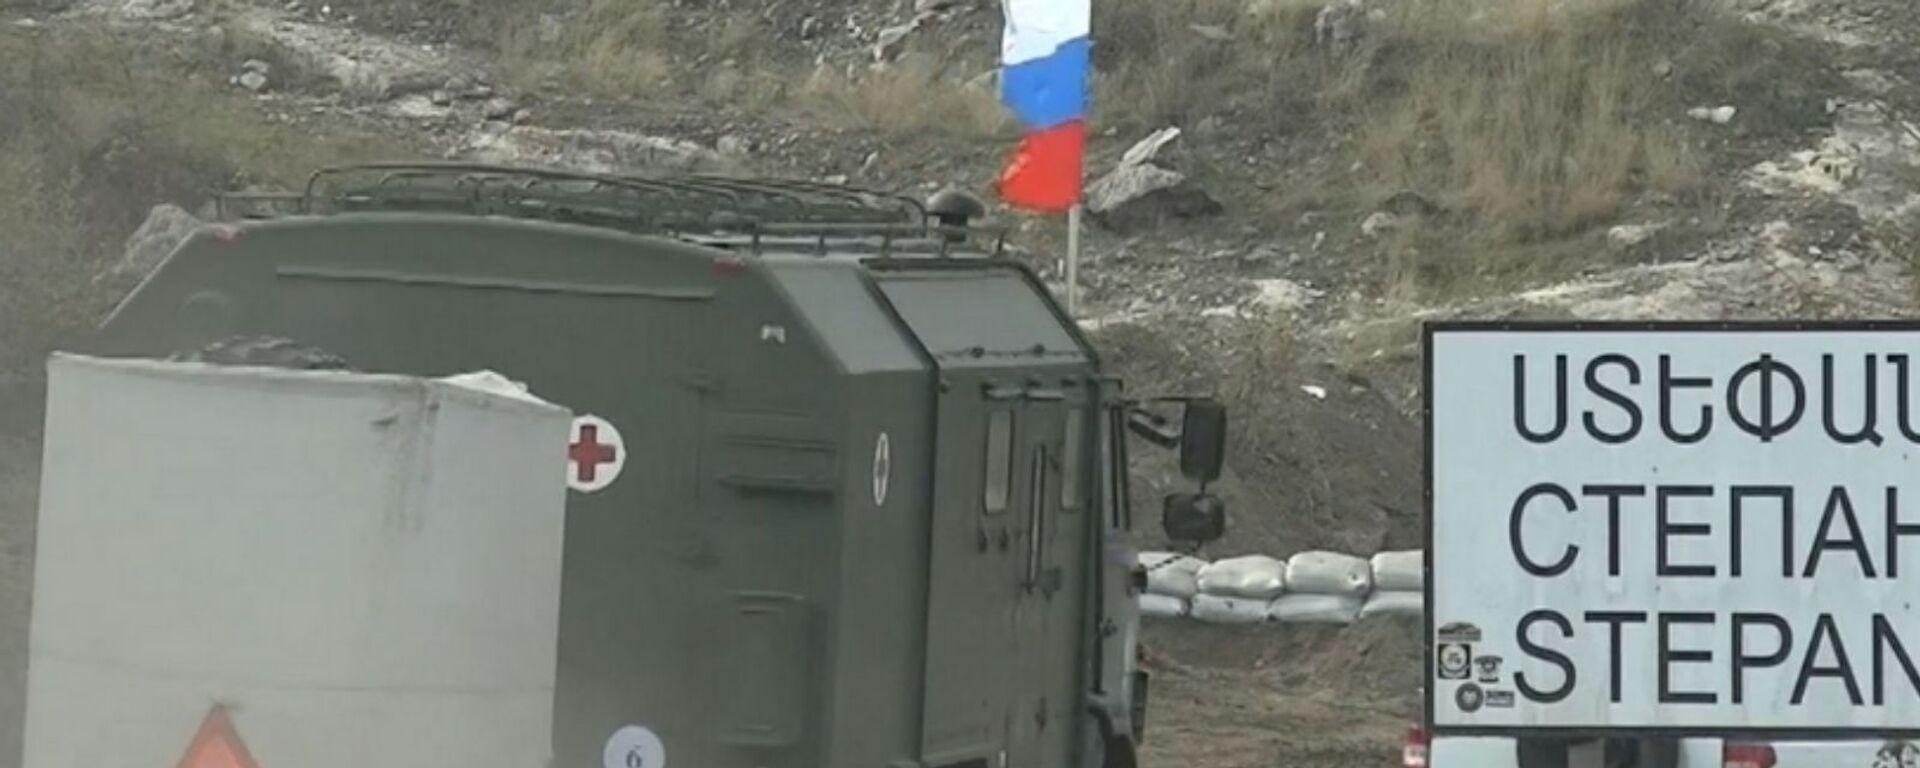 Первые подразделения медицинского отряда специального назначения прибыли в Степанакерт для оказания помощи местному населению (29 ноября 2020). Карабах - Sputnik Грузия, 1920, 19.07.2021